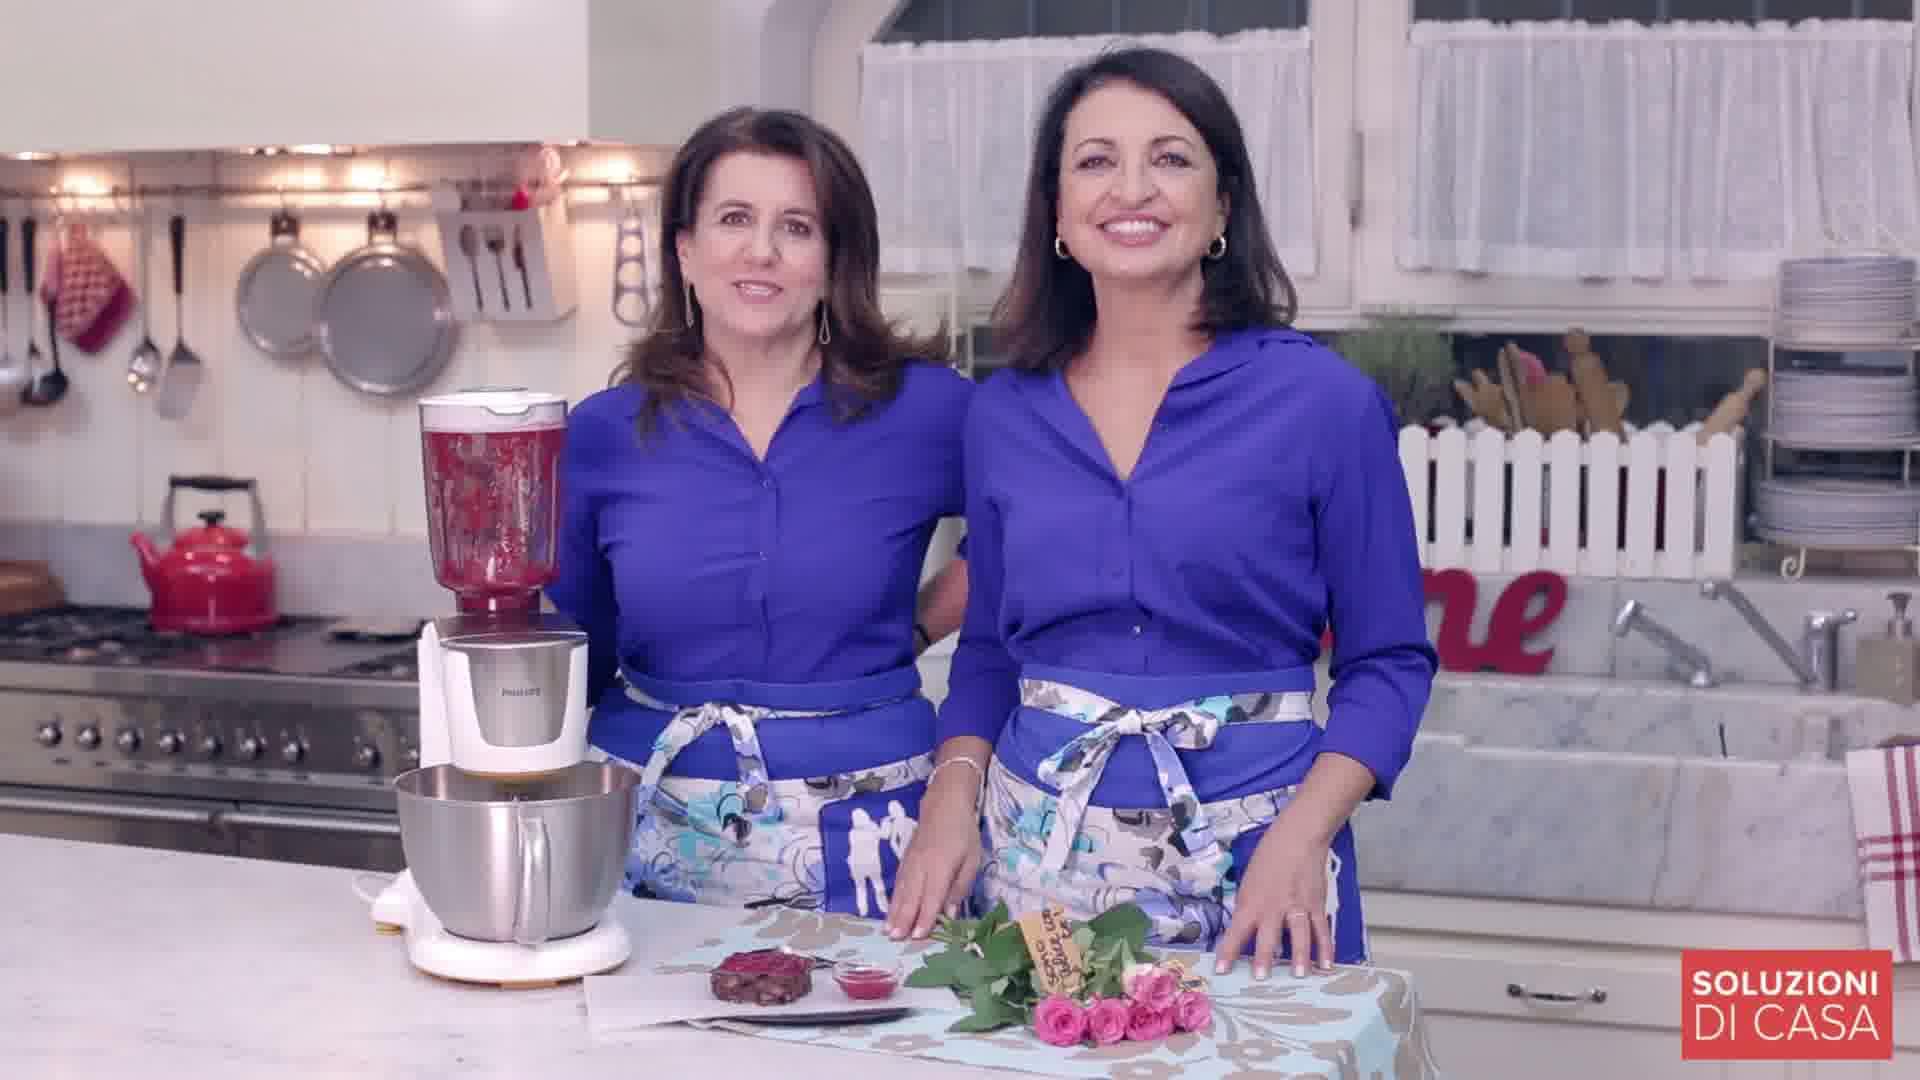 Philips Kitchen Machine e la soluzione regala i fiori